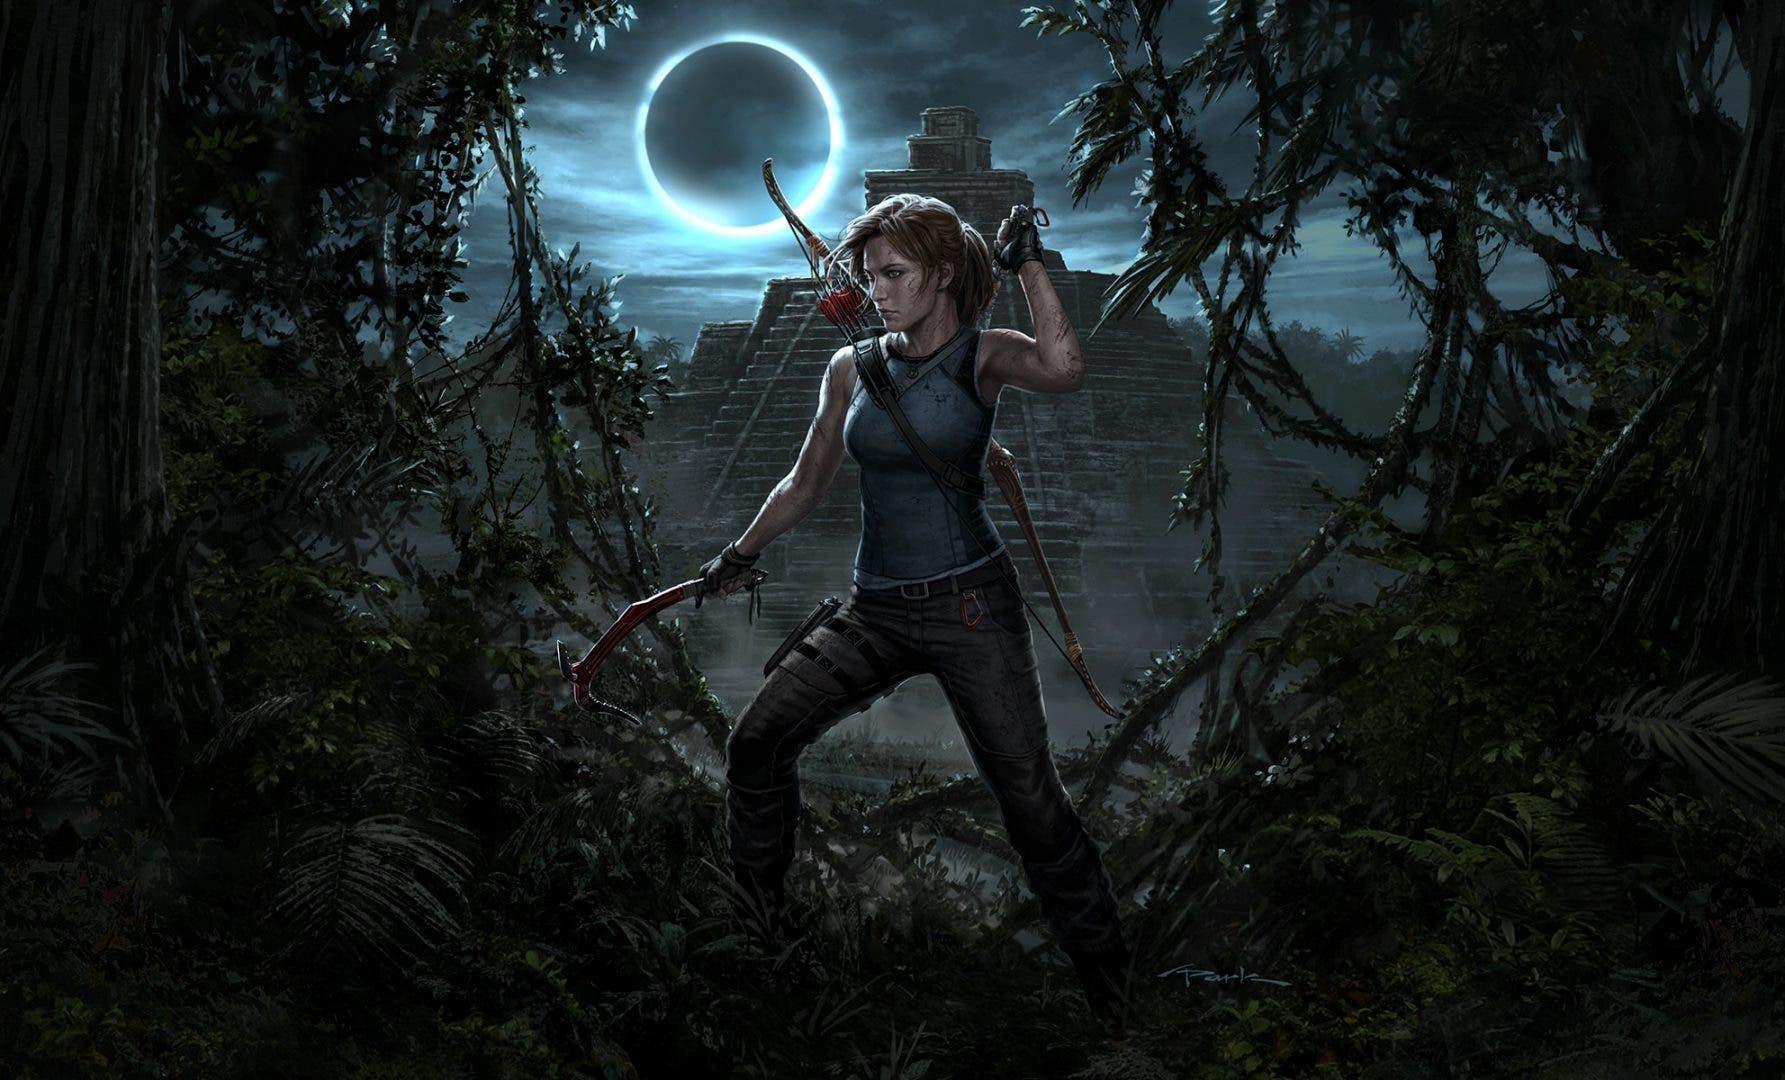 Imagen de Lara Croft regresa con fuerza en Shadow of the Tomb Raider